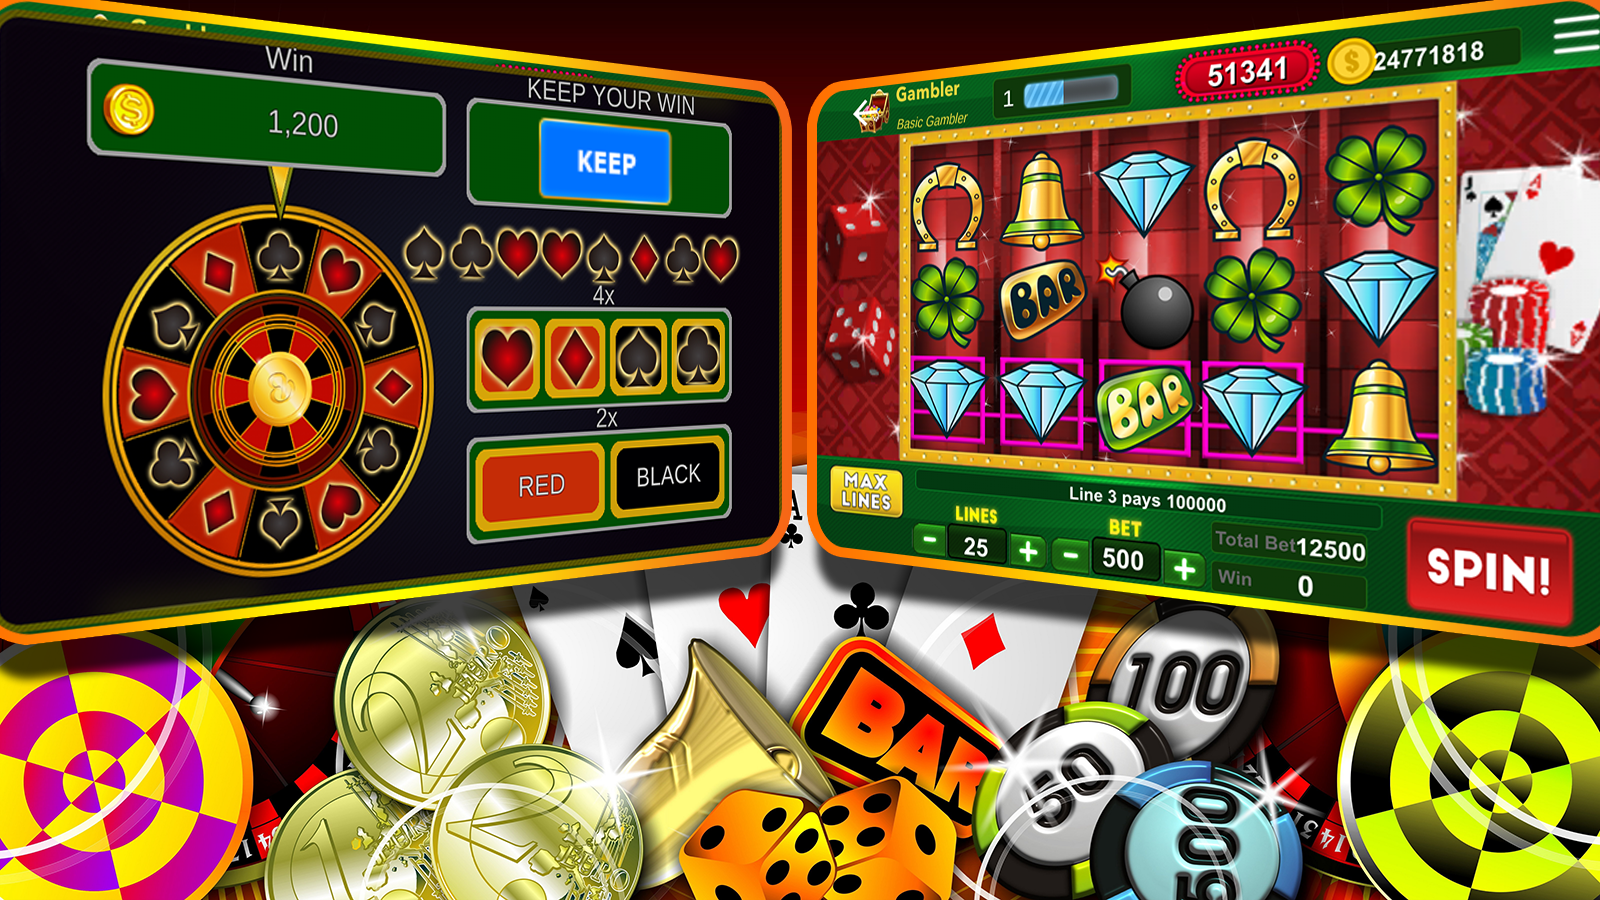 777 slot machine free